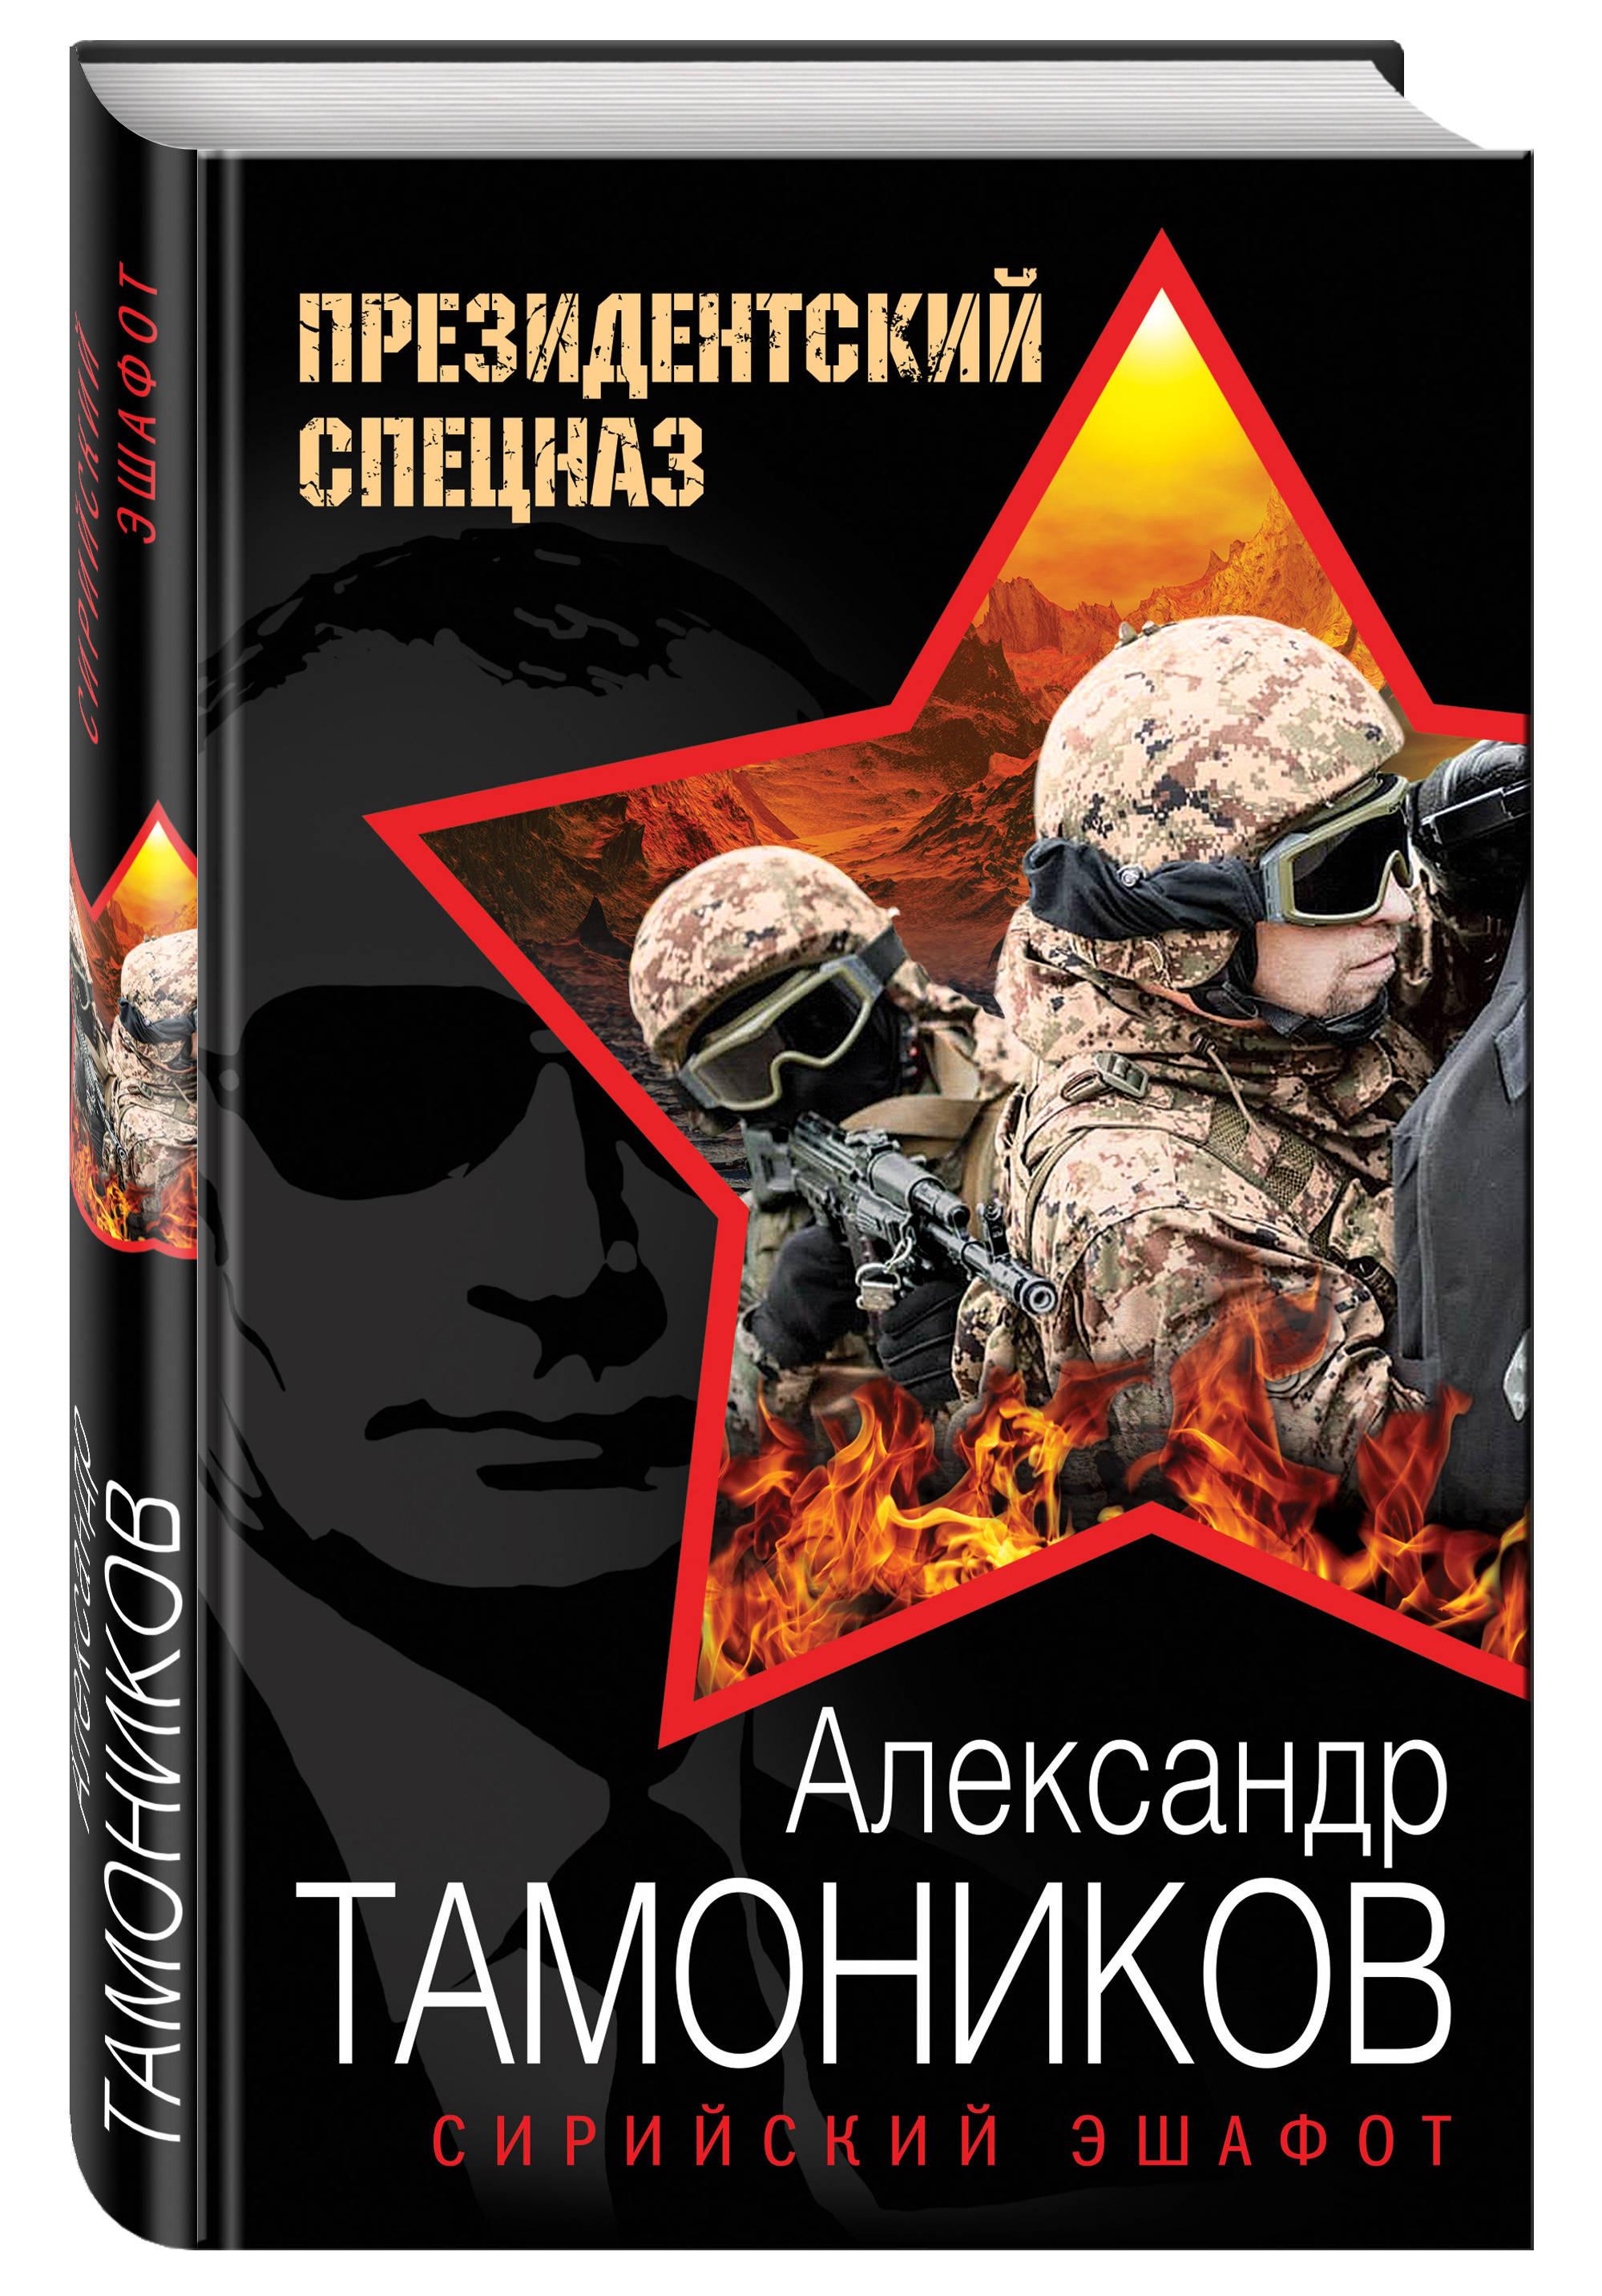 Александр Тамоников Сирийский эшафот тамоников а эшафот для авторитета